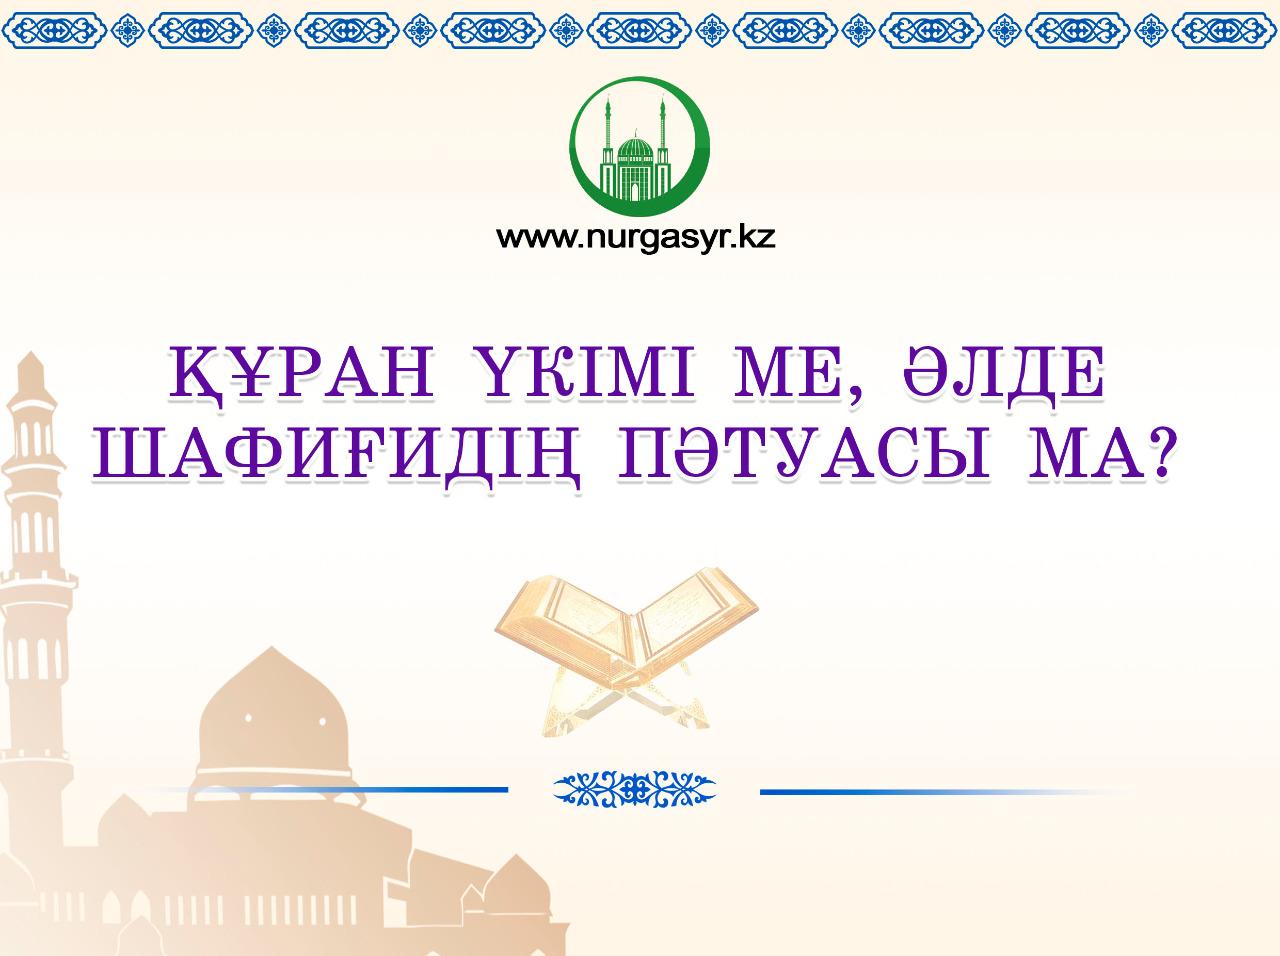 Құран үкімі ме, әлде Шафиғидің пәтуасы ма? 279